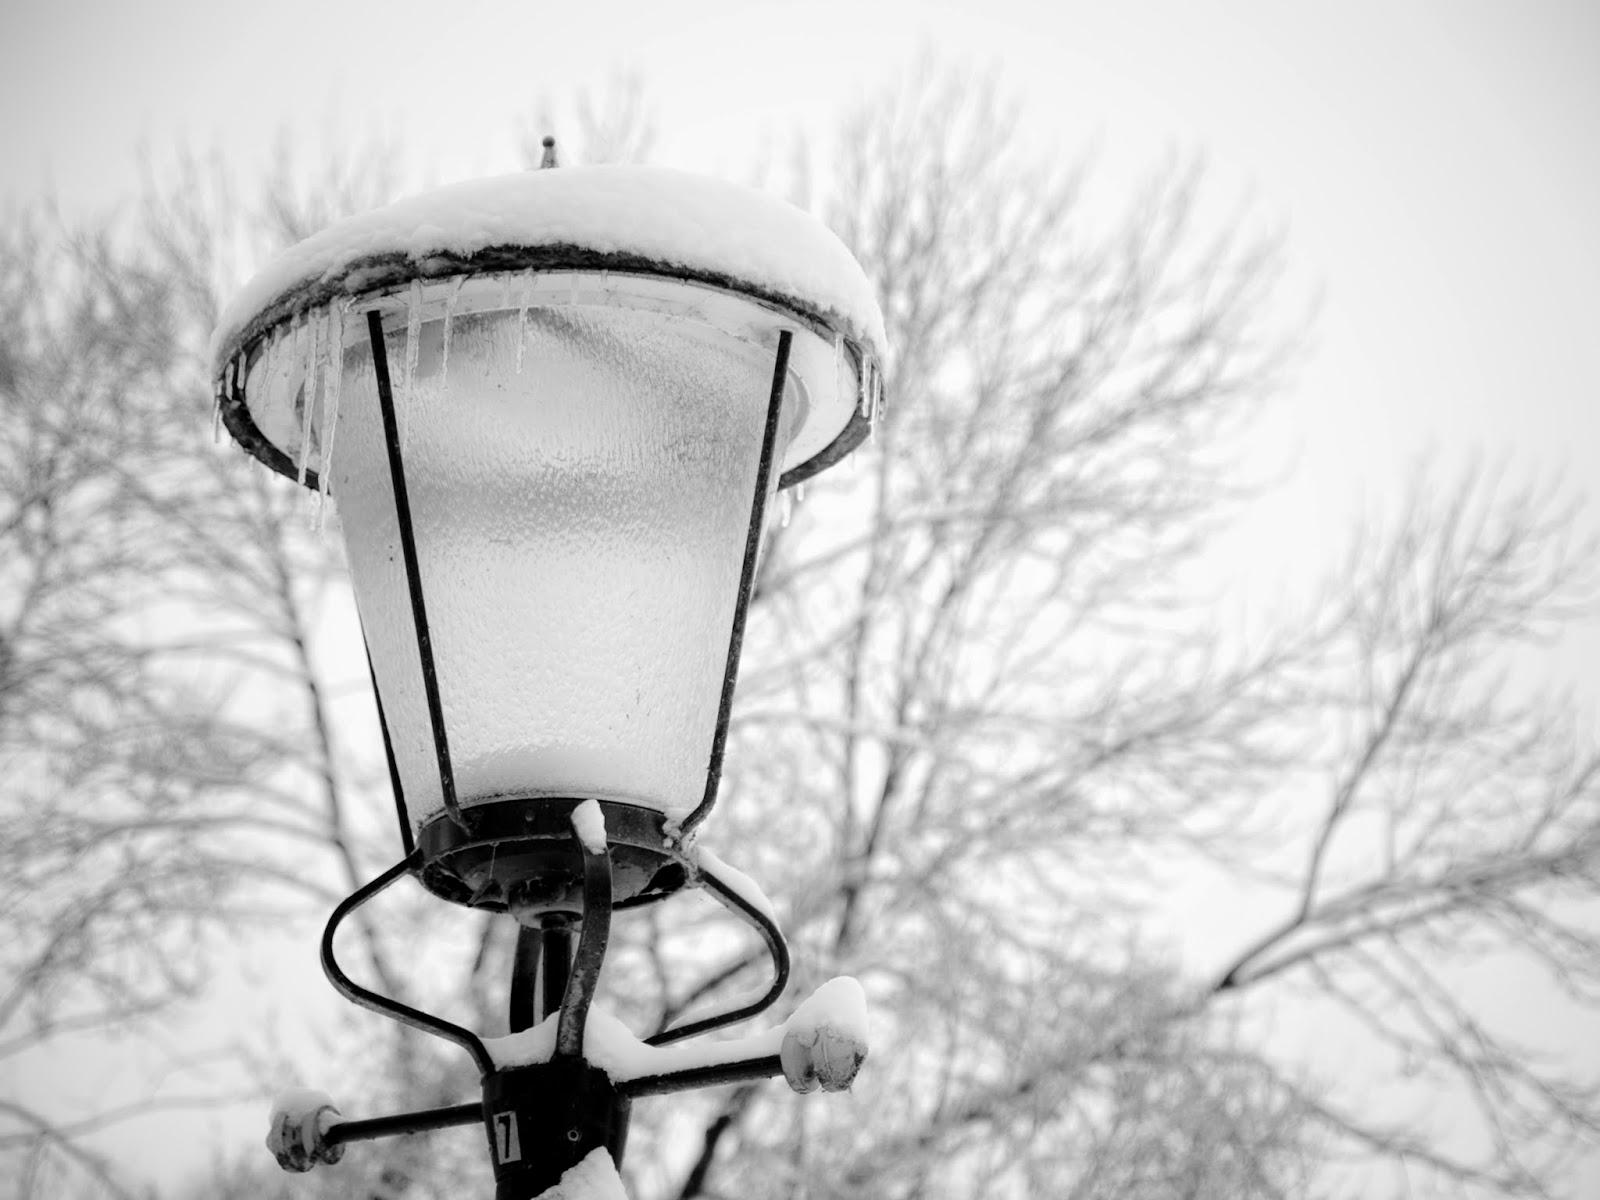 moestuin januari winter sneeuw